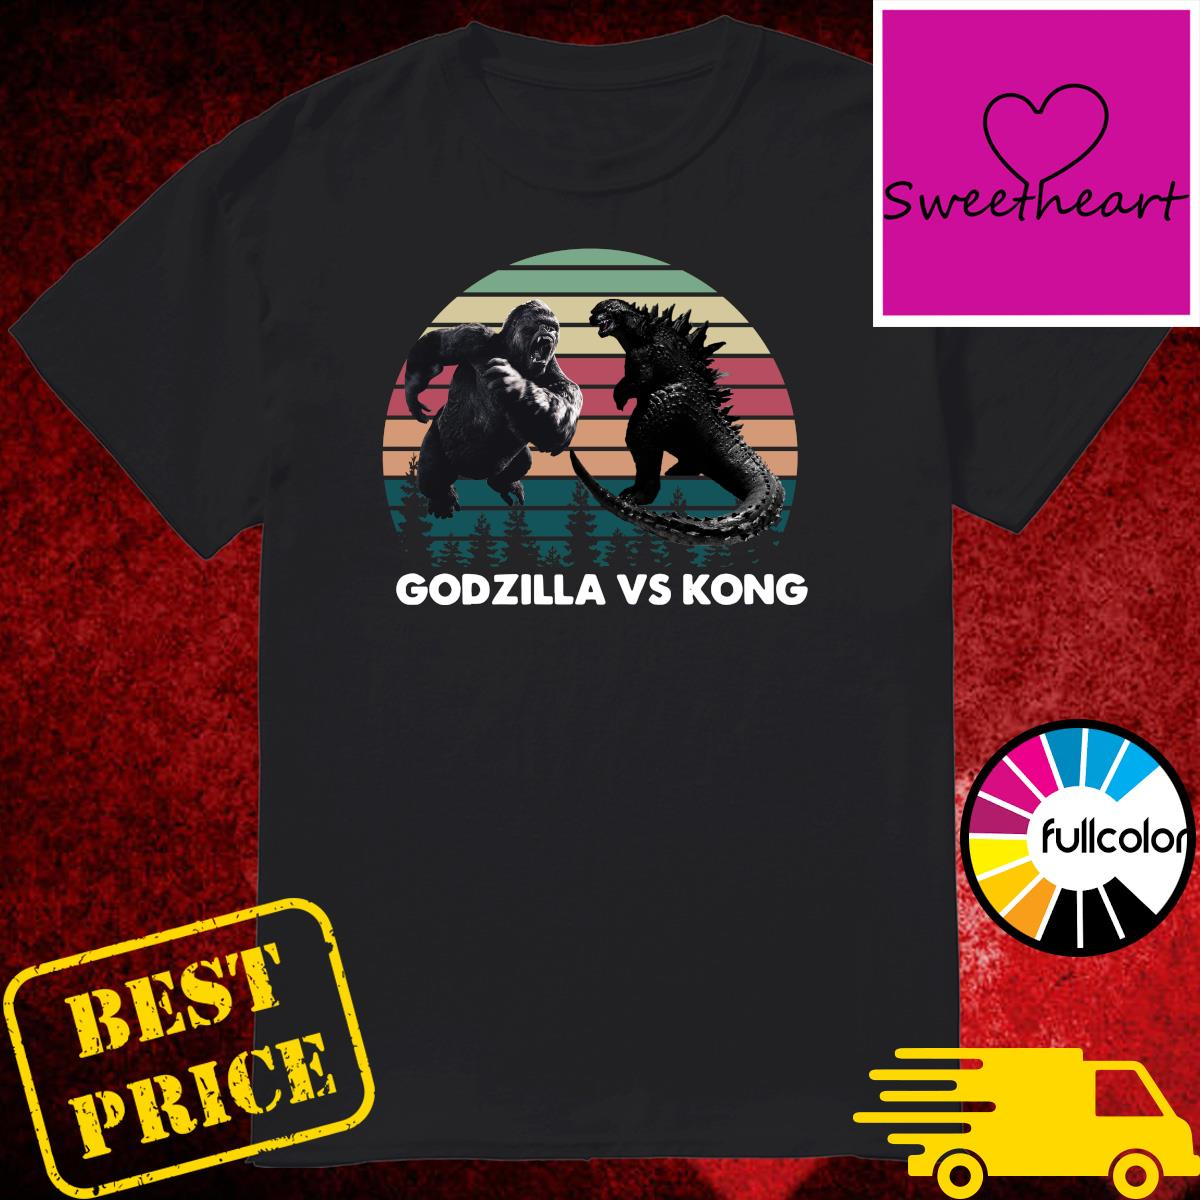 Godzilla vs Kong Shirt, Kaiju Godzilla Retro Kong Shirt Rodan Mothra Monster, Godzilla Shirt